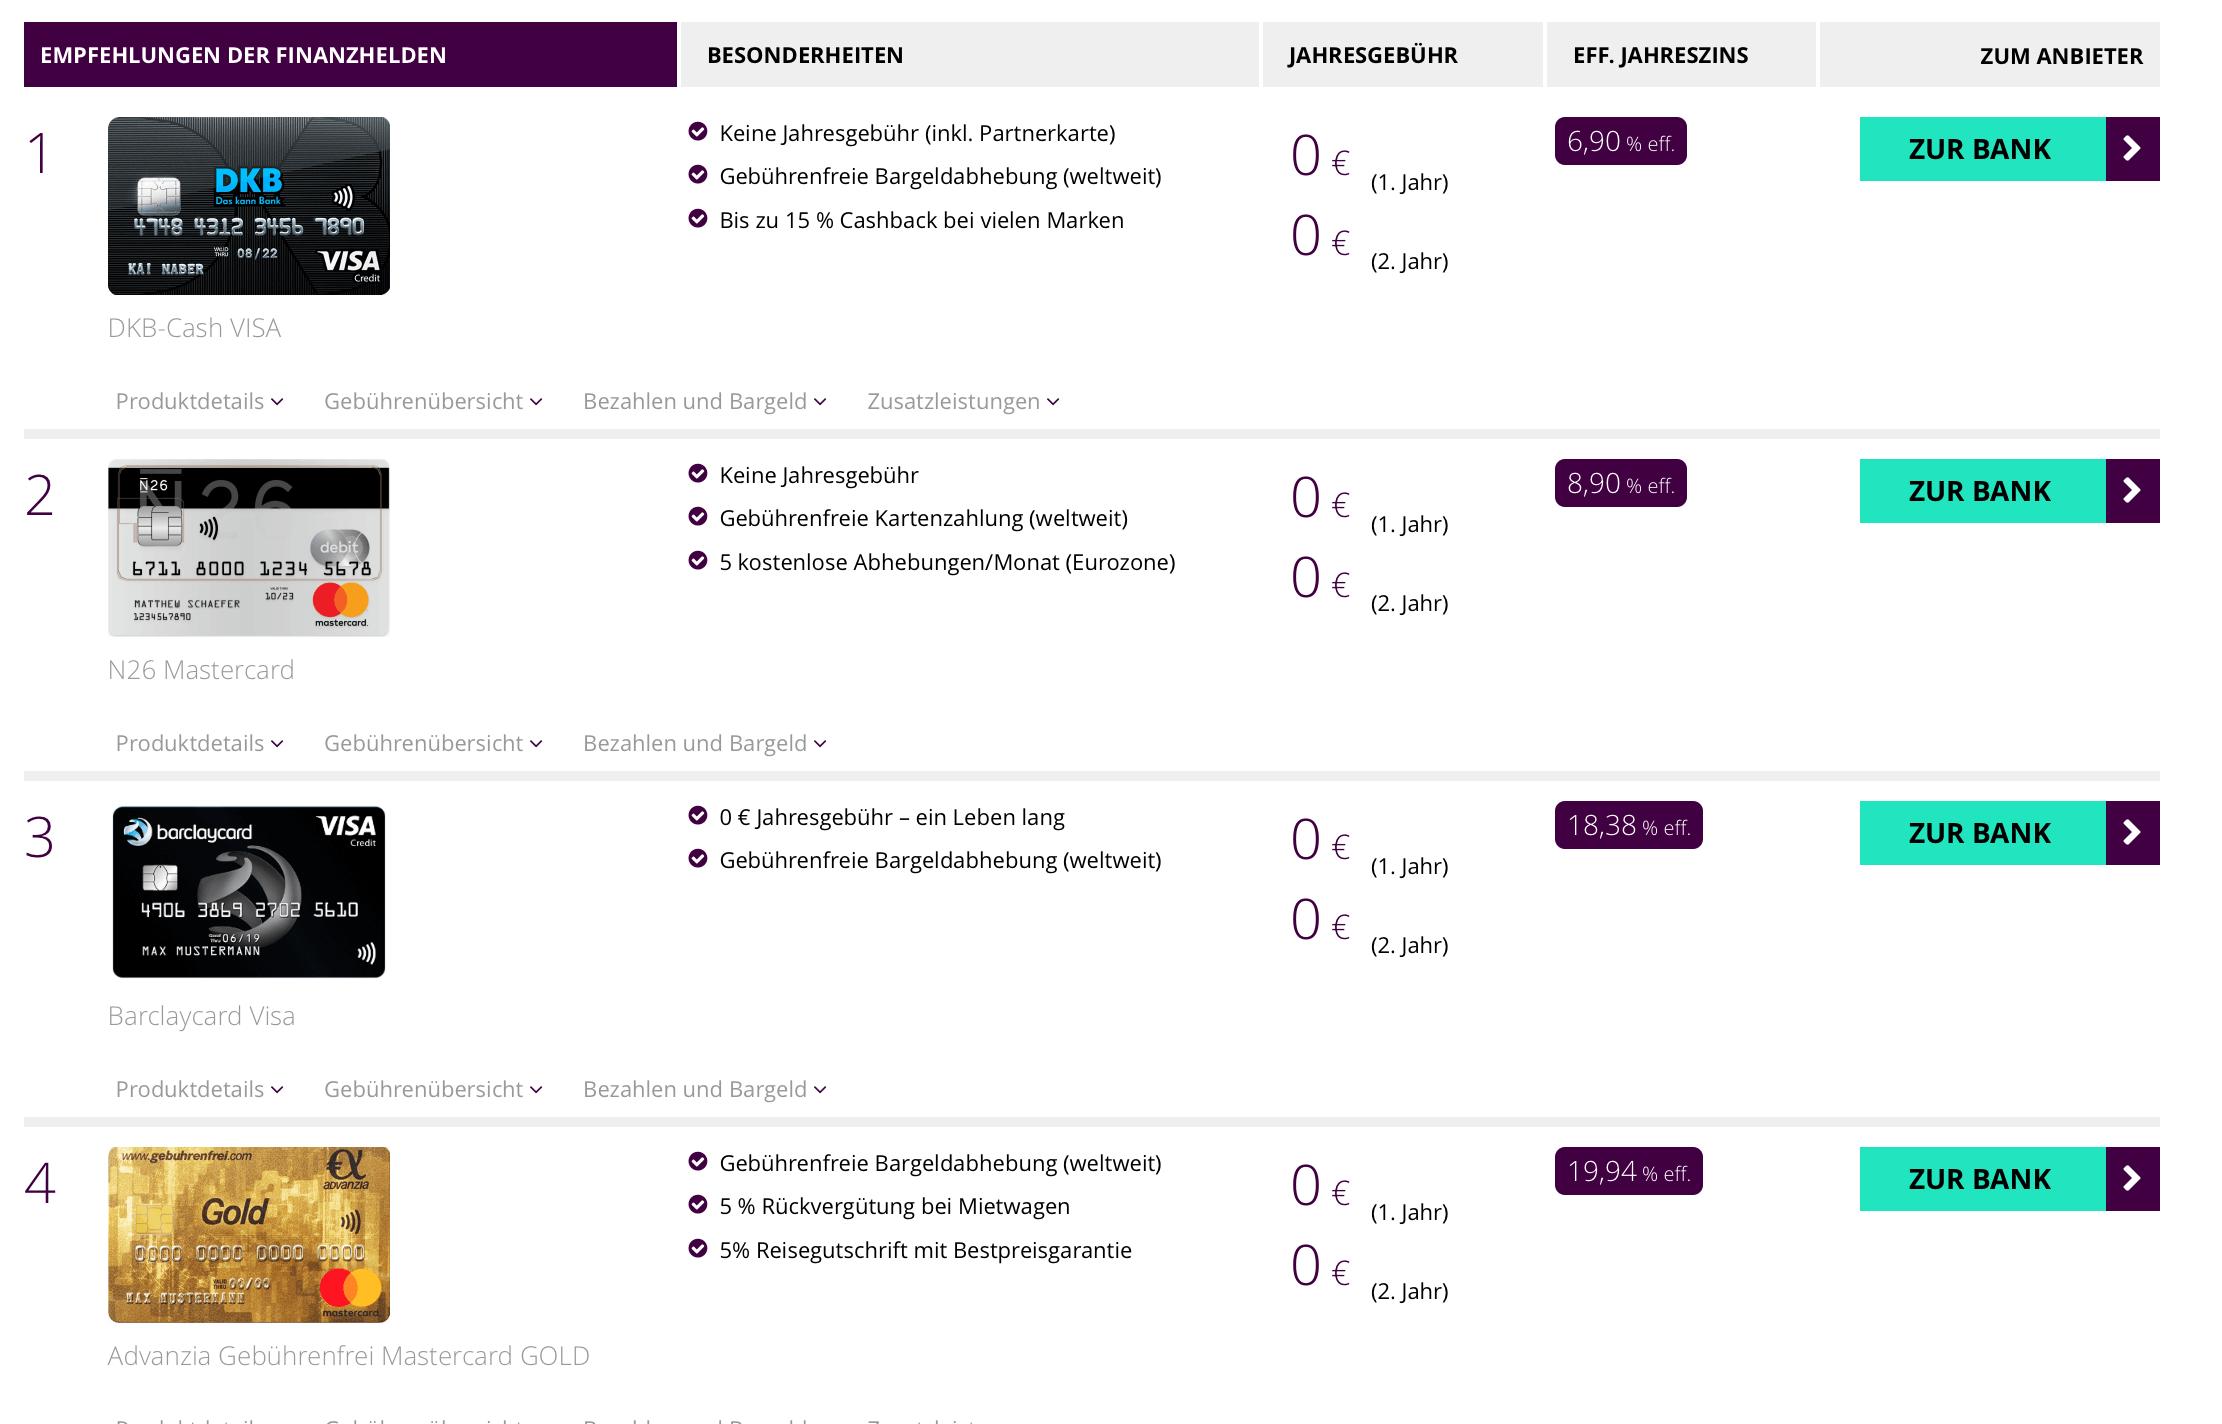 Kreditkarten Vergleich Finanzhelden.org